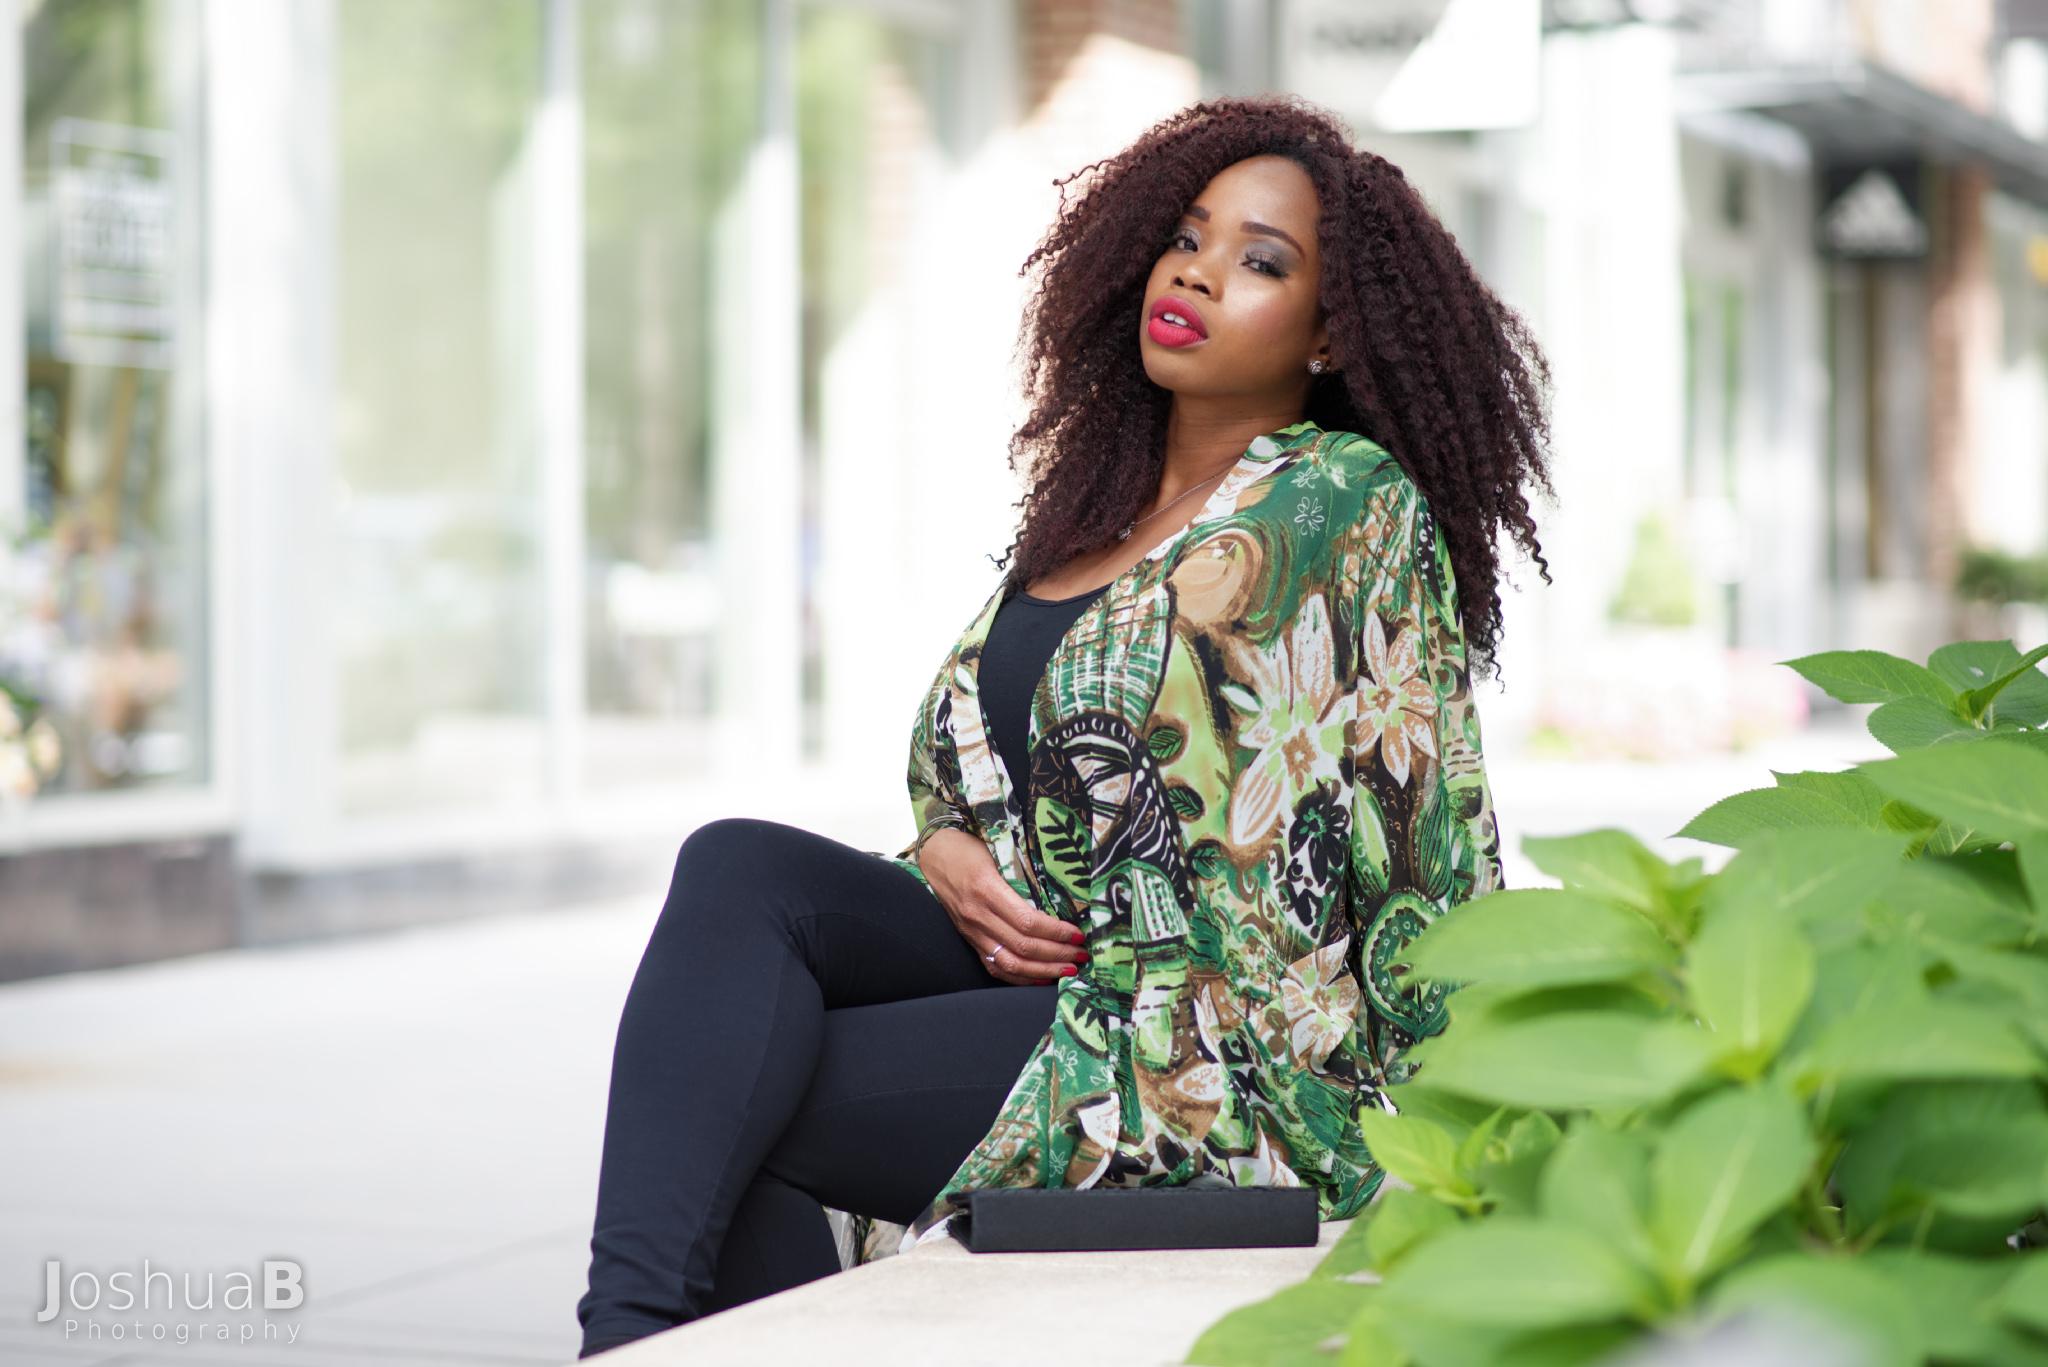 Beautiful black woman outdoor shopping plaza